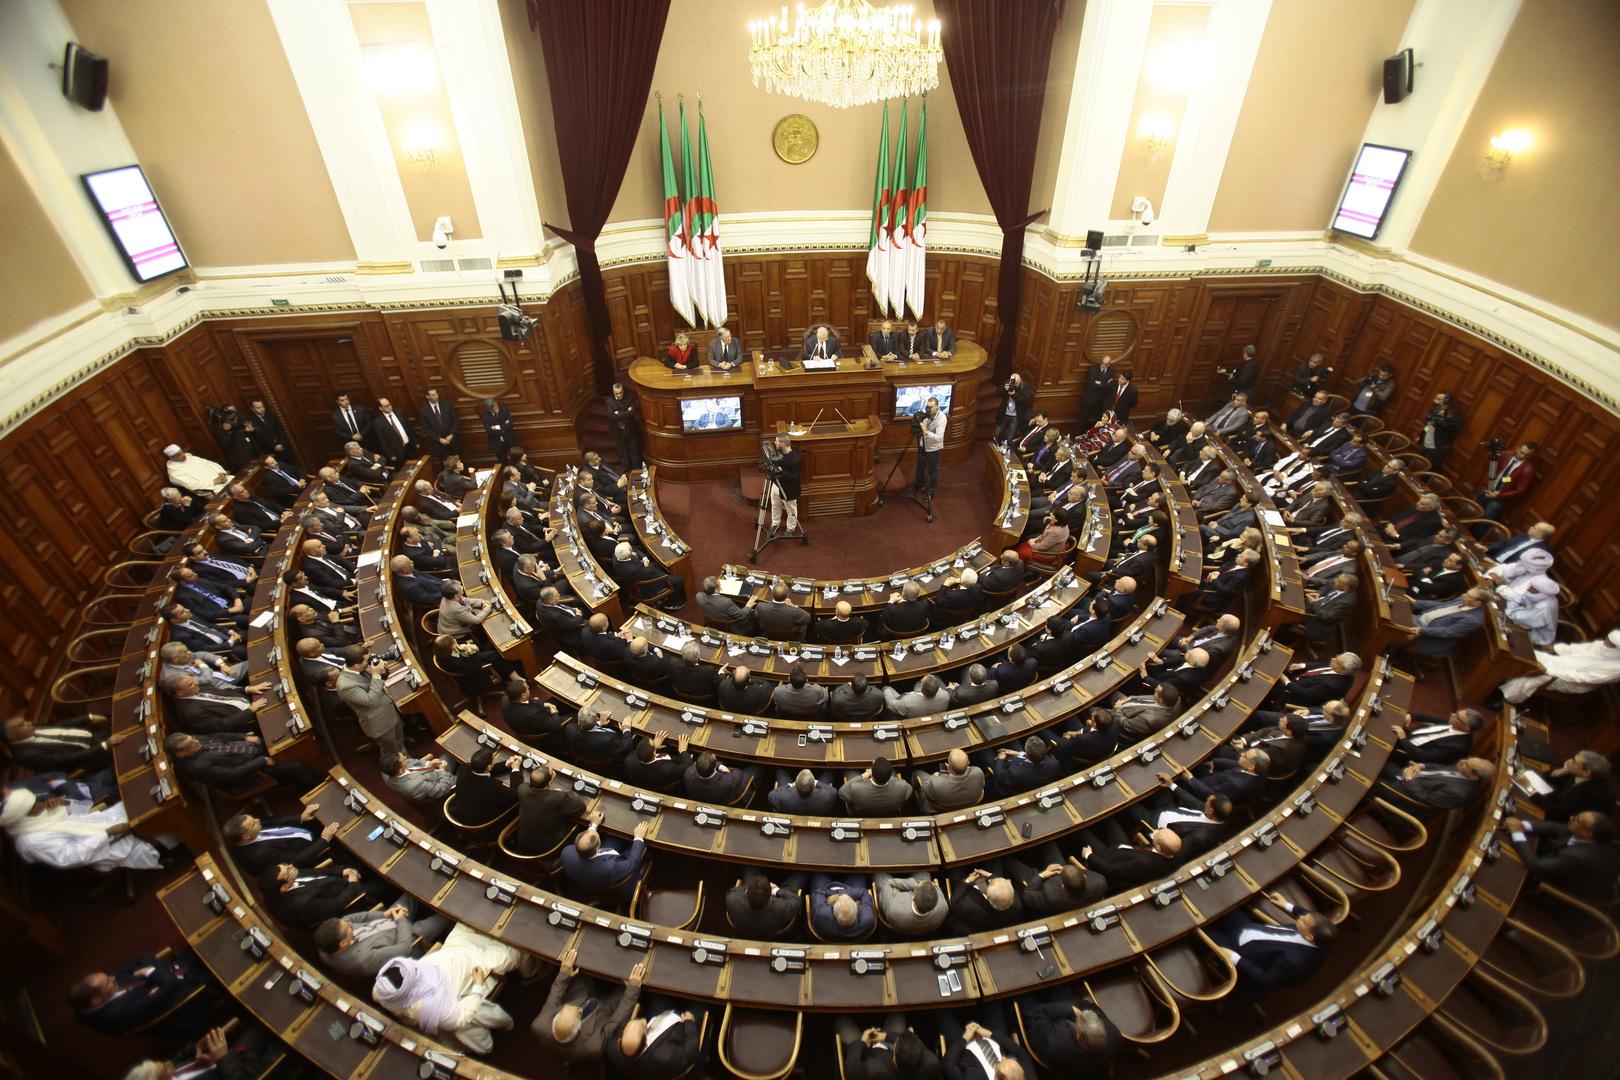 مسؤول جزائري كبير لسفير بريطانيا: الجزائر ترفض التدخل في شؤونها الداخلية